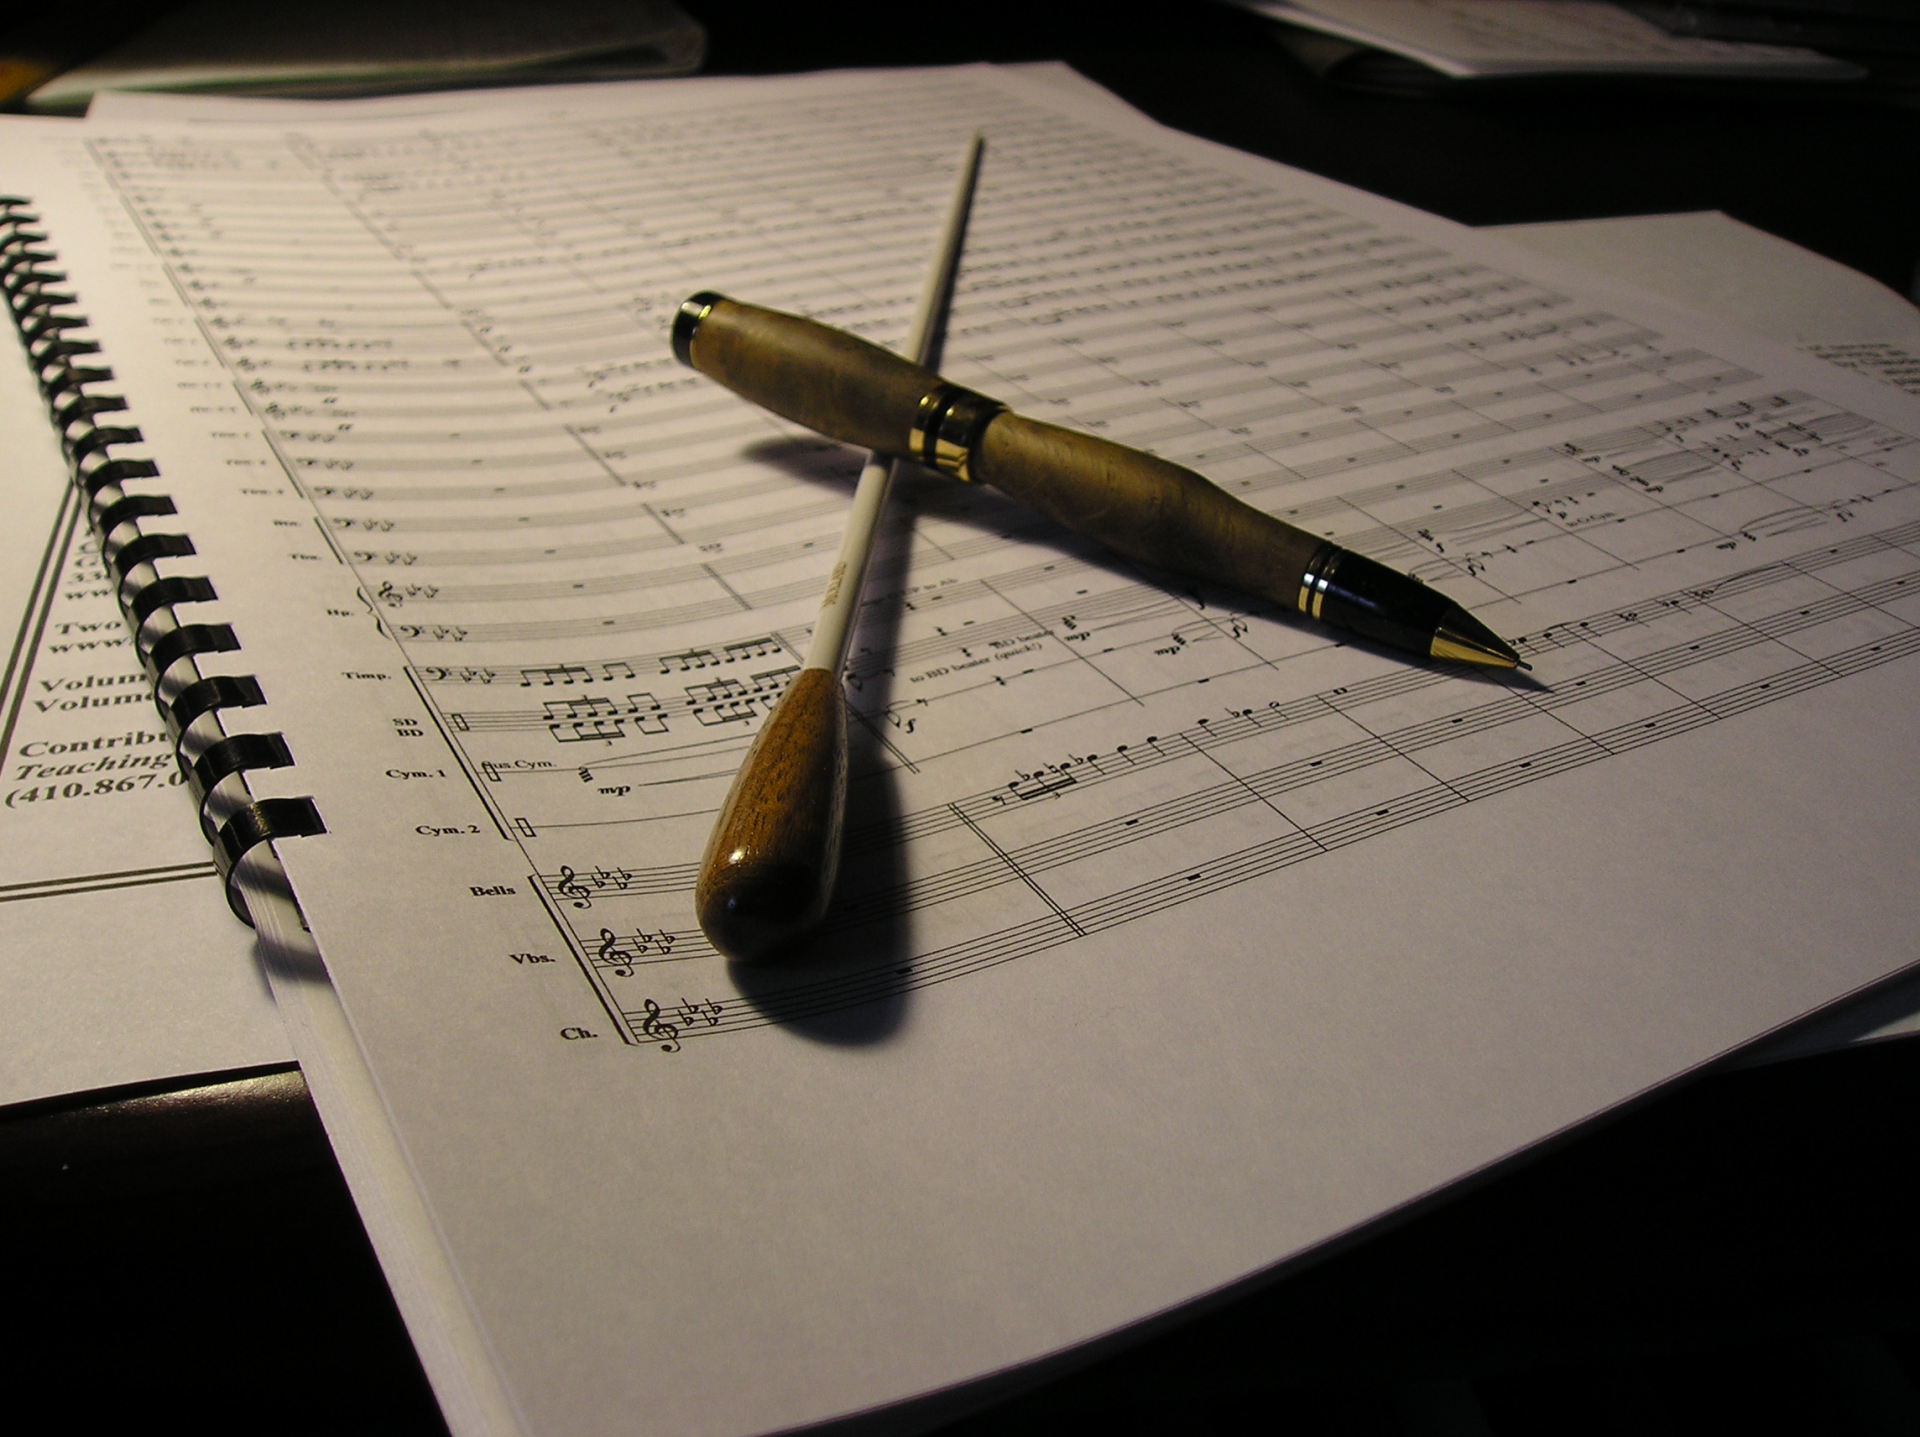 Besteci Güfte Söz Yazarı Nasıl Olunur Besteci Kimdir Besteci Bestekar Bestecilik Nedir Free Music Sheets Notası Score Müzik Anahtar Ne Demek Composer Nota